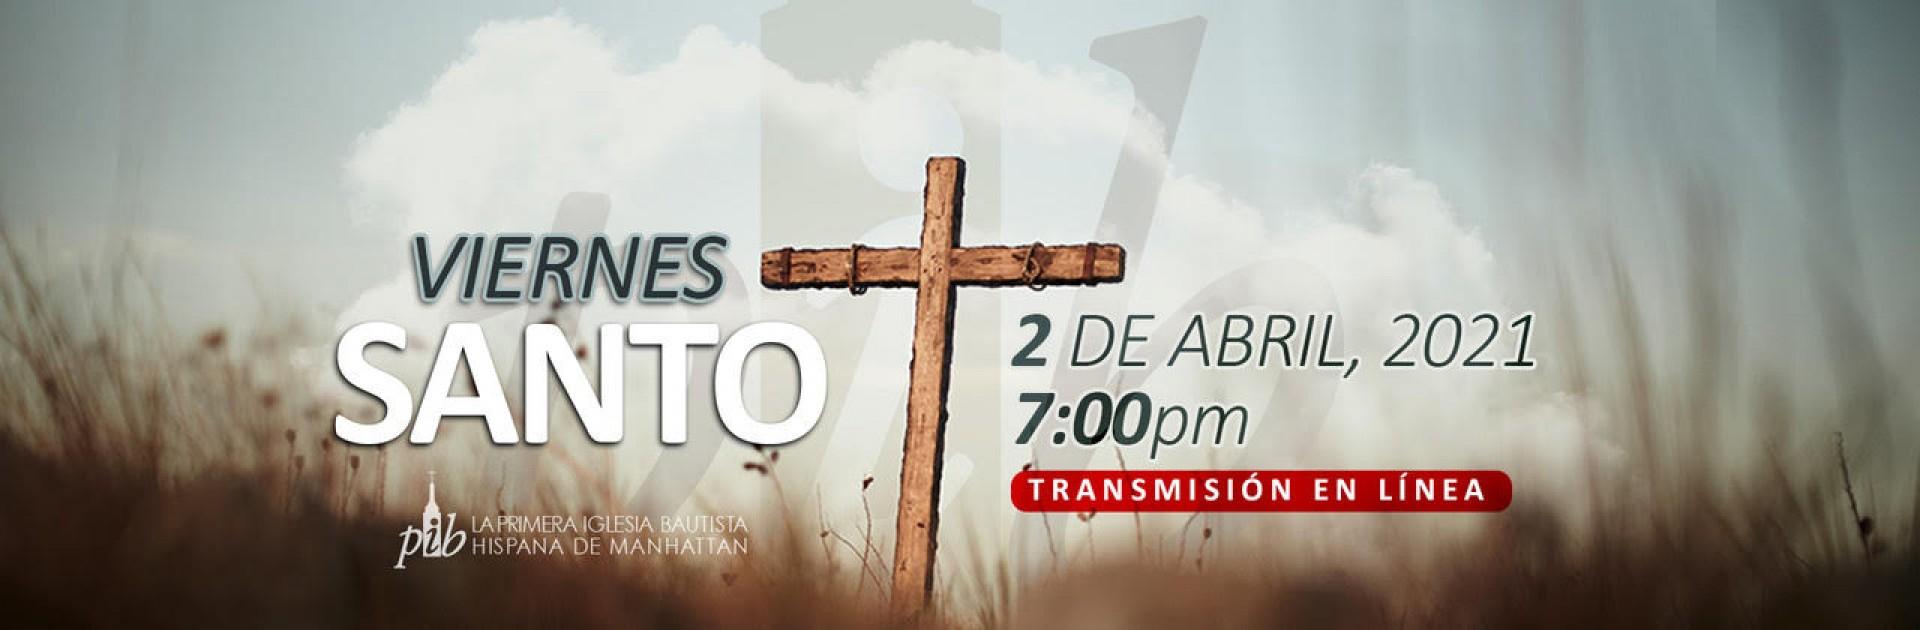 Viernes Santo - 2021